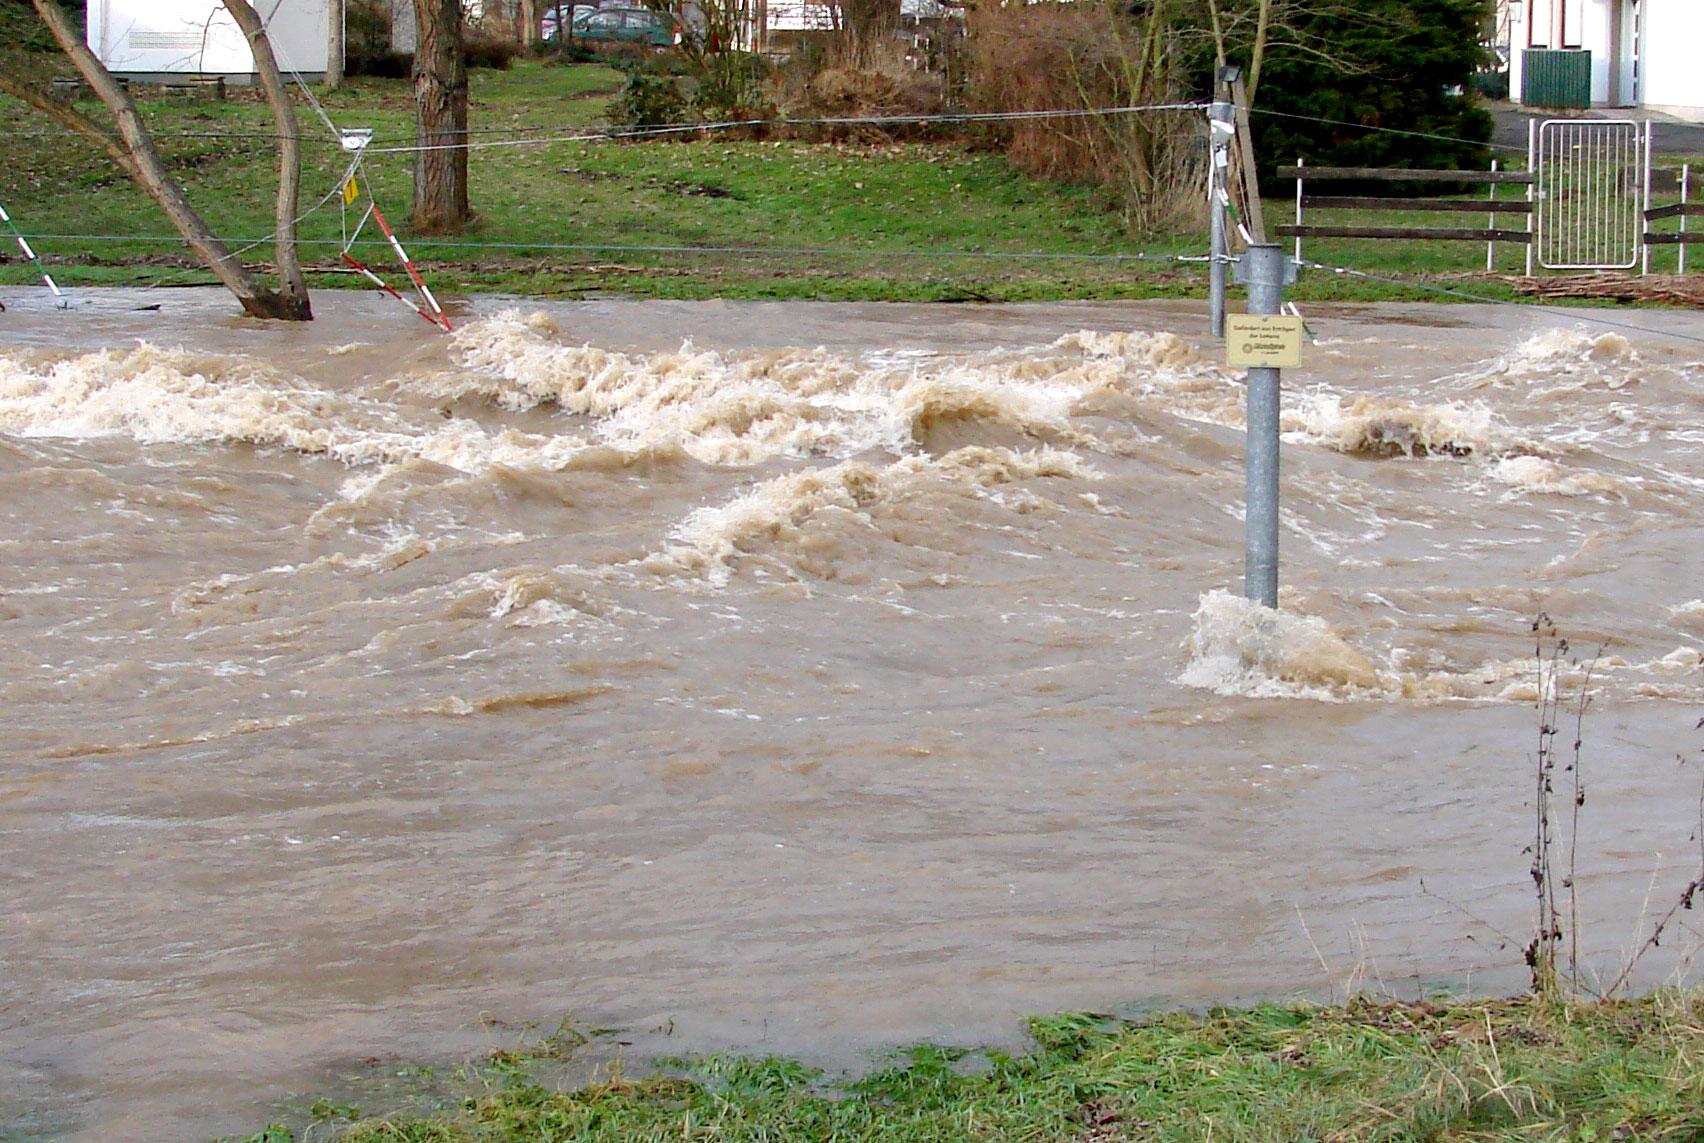 Lose Holzstapel Gefahr bei Hochwasser